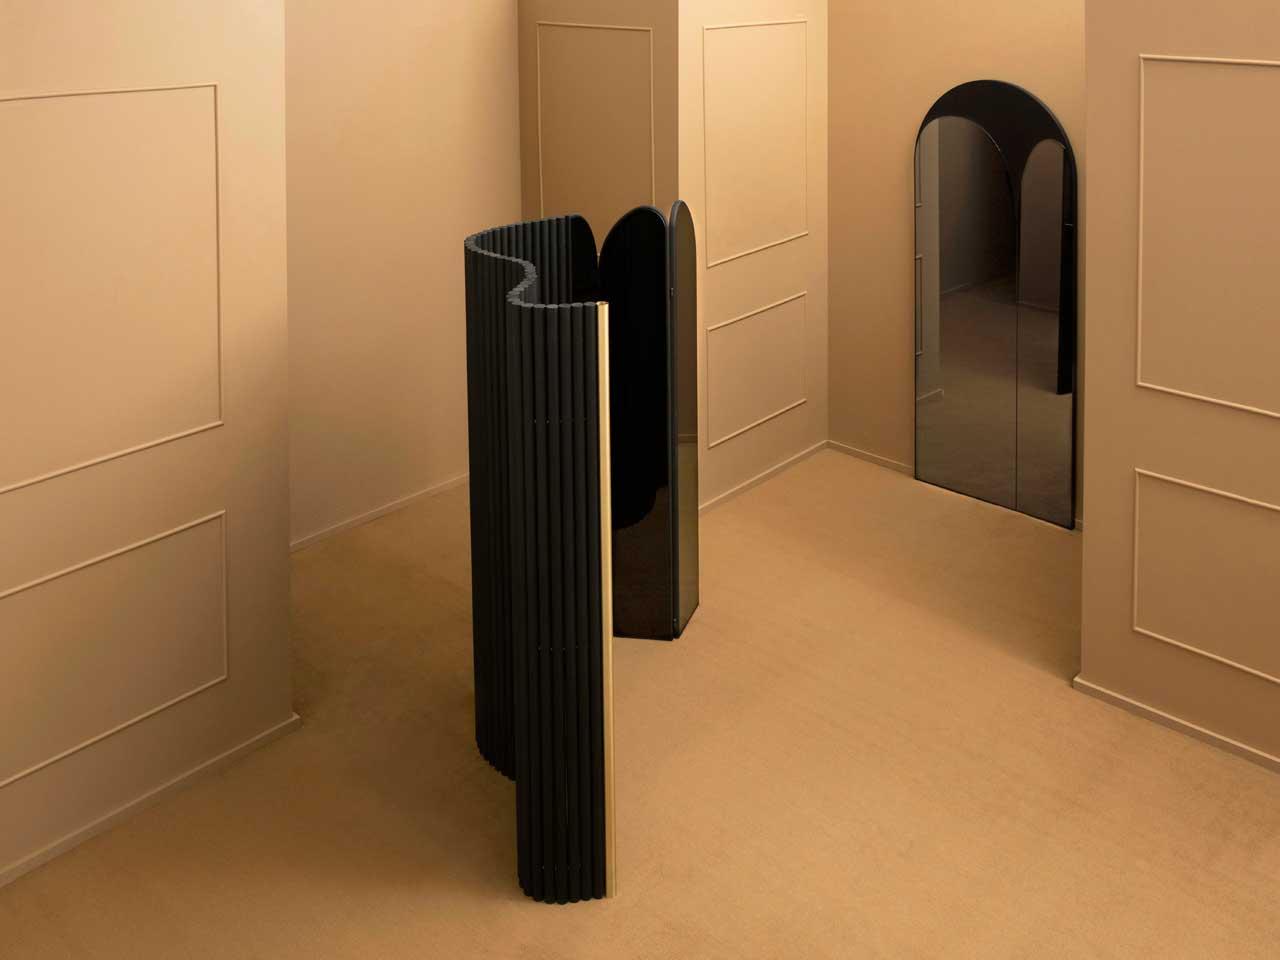 Bower Studios Co-Designs New Pieces with Stærk&Christensen - Design Milk